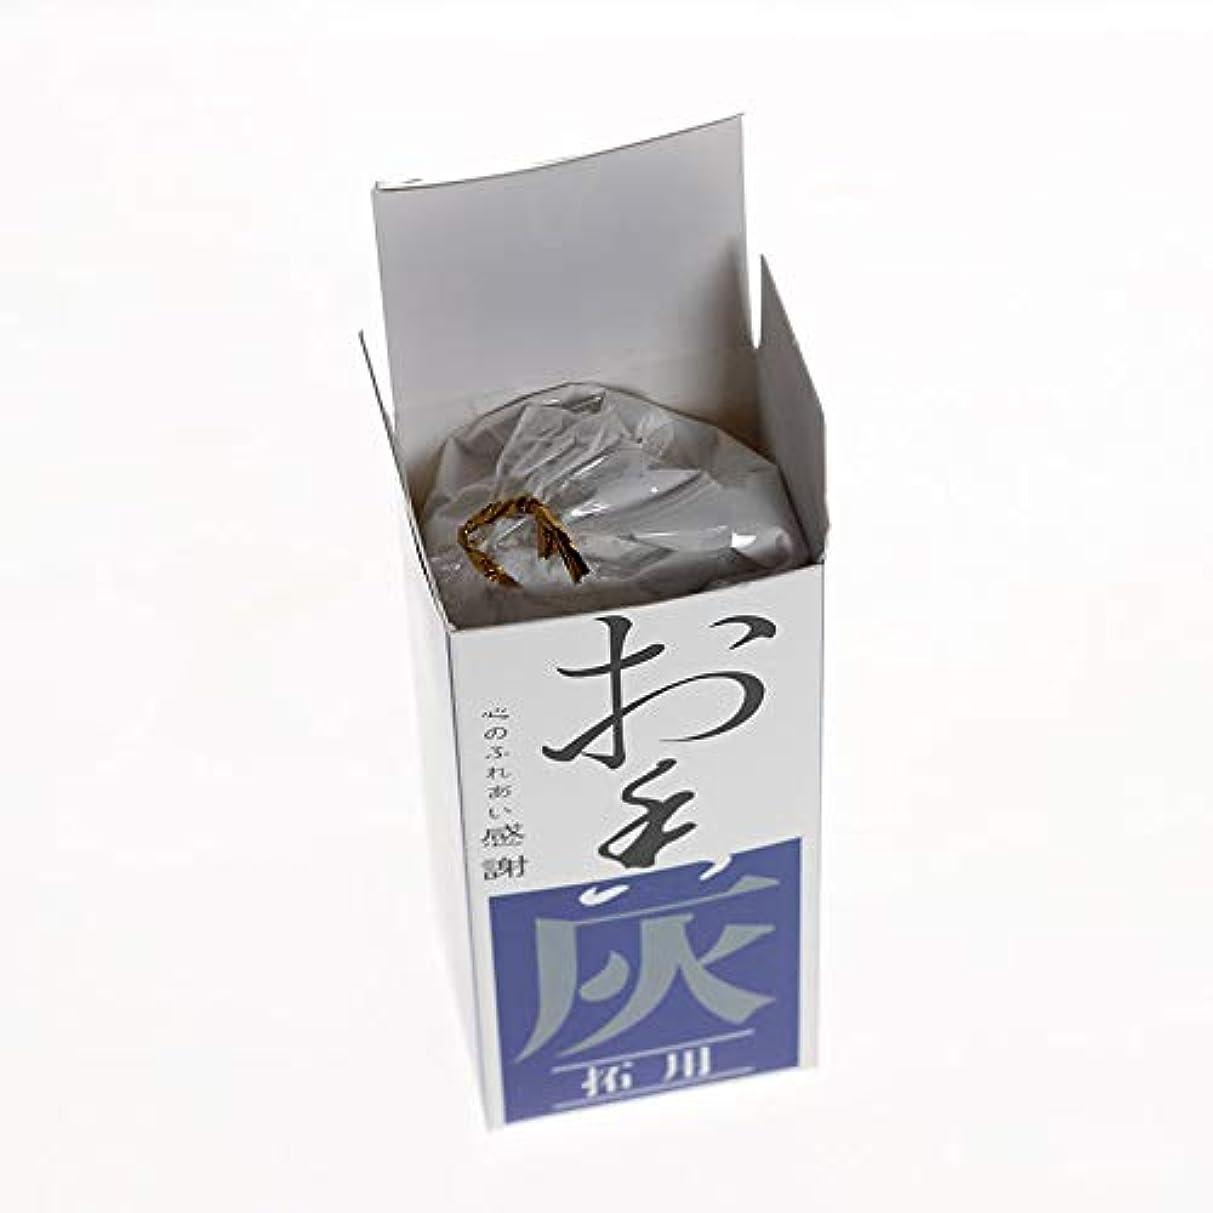 わかる刺します疲労Diatems - 輸入香ばしい香り高い柚子特別灰沈香香炉灰灰灰色の灰香り用品スーパーソングRongtang [3PC]